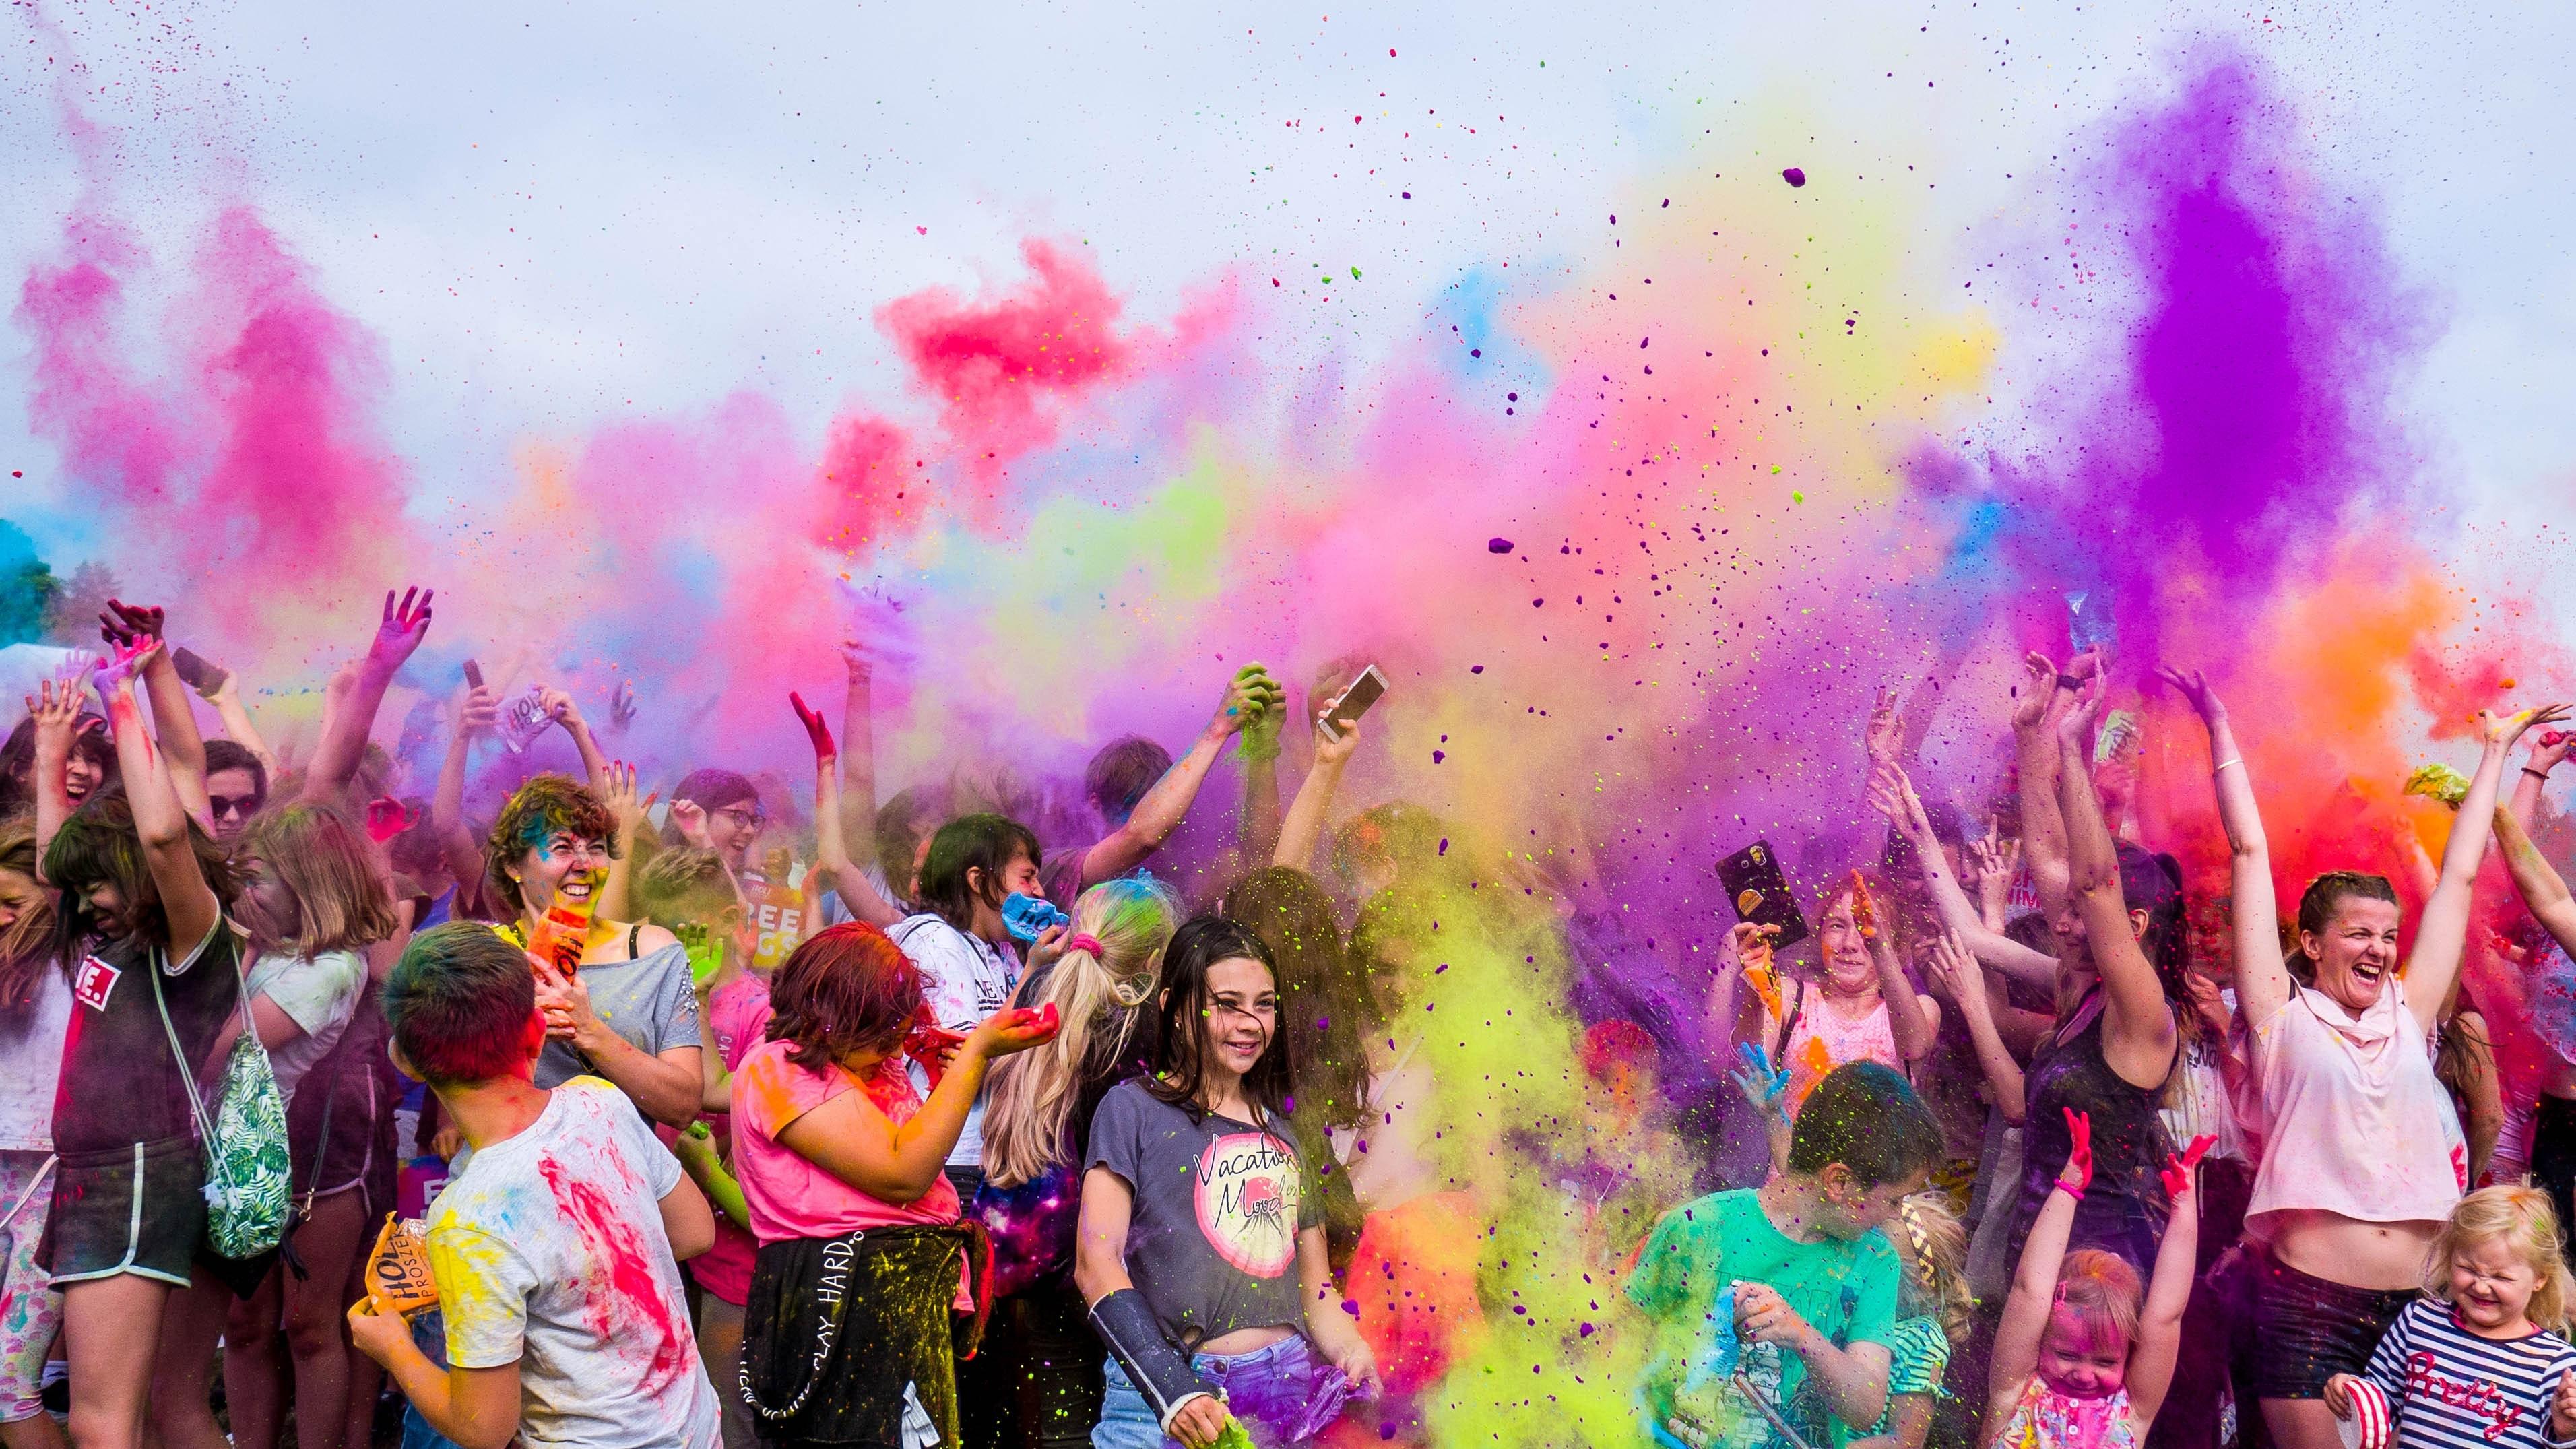 Vielfalt und Inklusion bei einem bunten Event